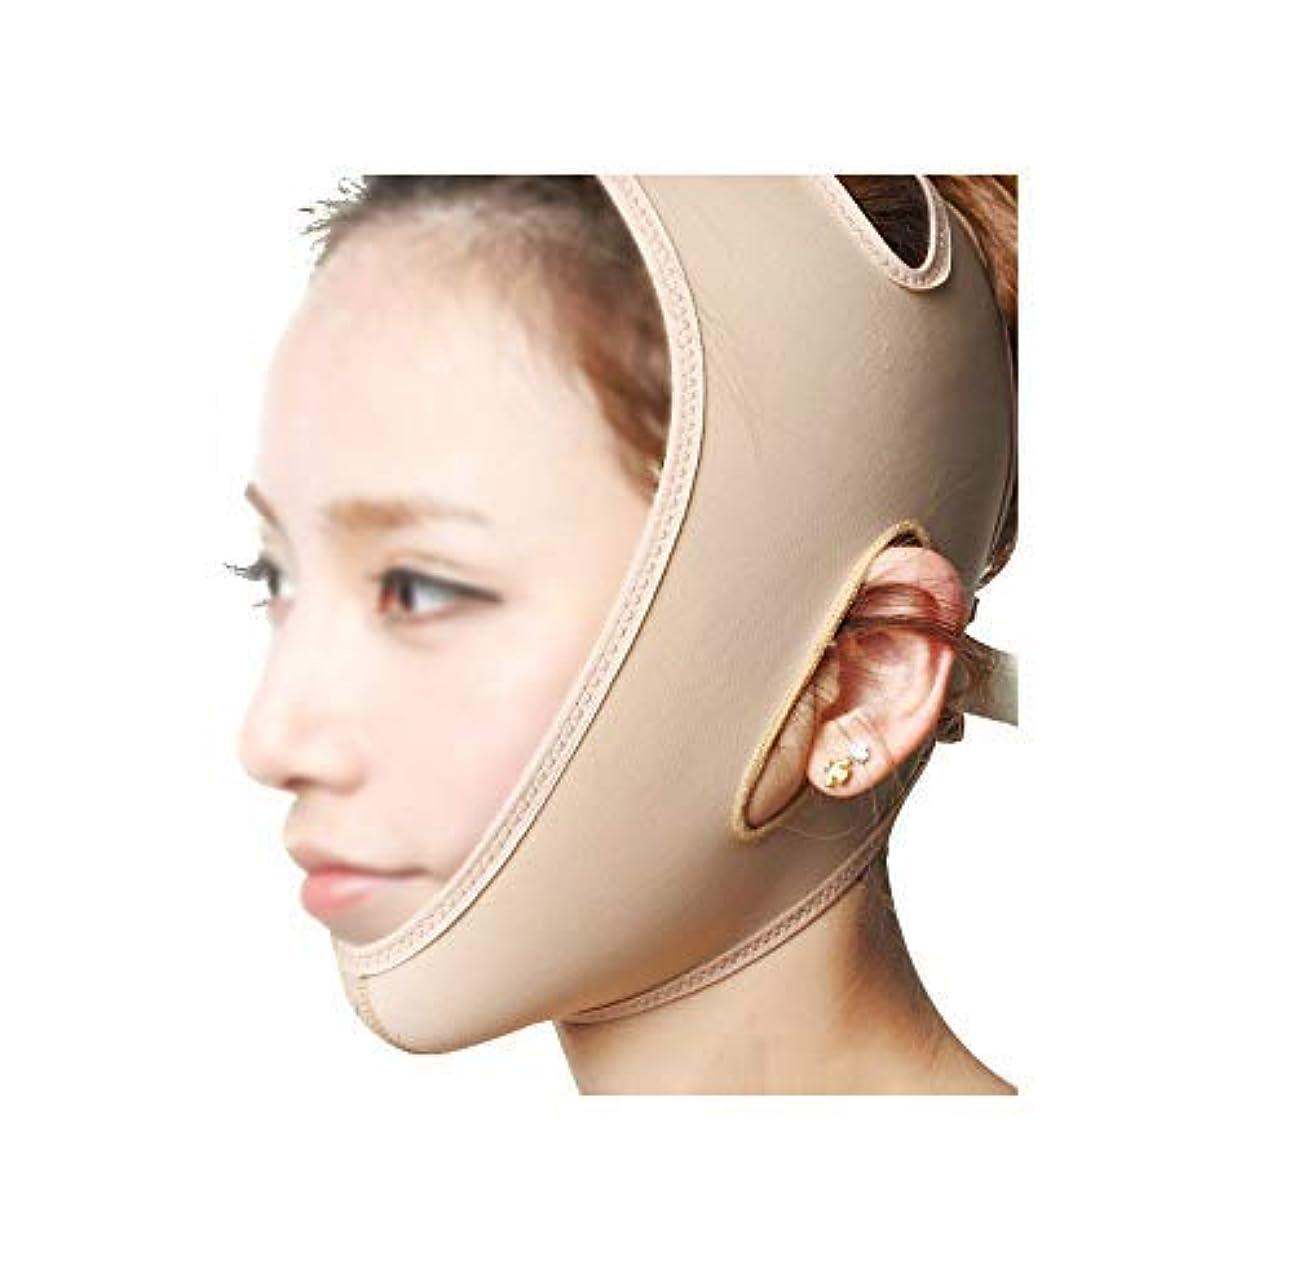 発送追放トラックフェイスリフティングバンデージ、フェイスマスク3Dパネルデザイン、通気性に優れたライクラ素材の物理的なVフェイス、美しい顔の輪郭の作成(サイズ:S),Xl